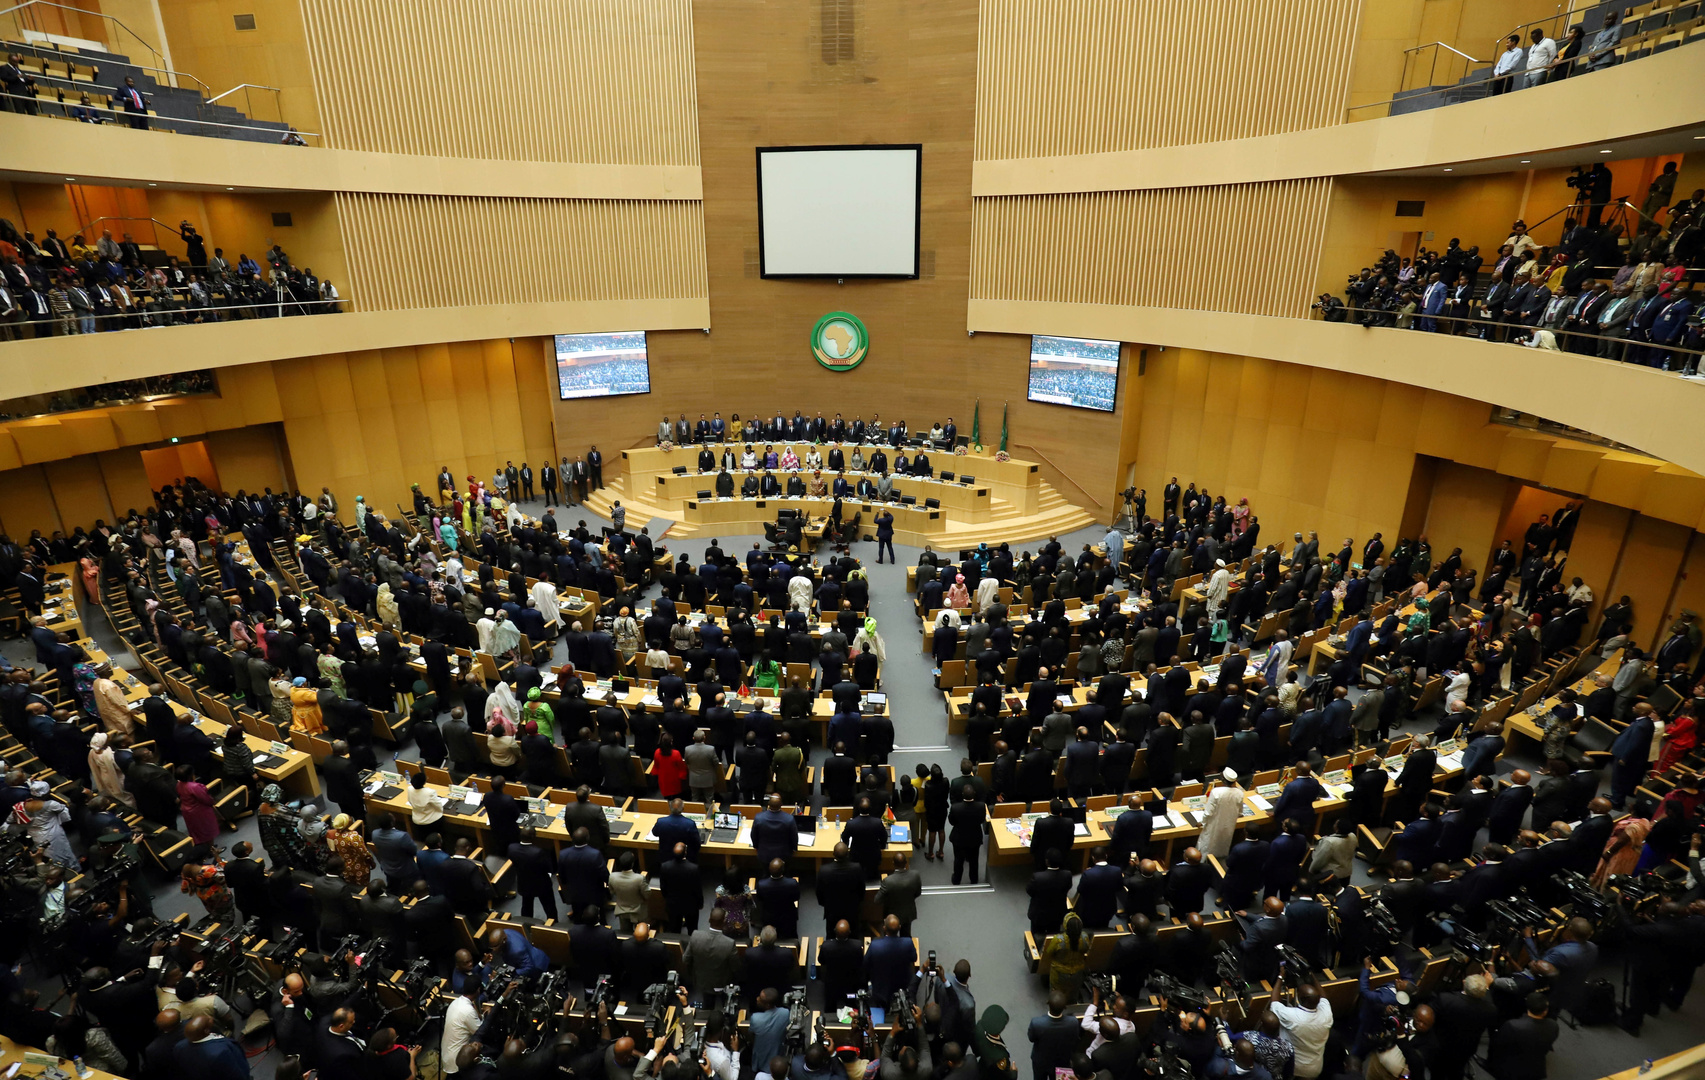 أشغال القمة الـ 33 للاتحاد الإفريقي في فبراير 2020 بالعاصمة الإثيوبية أديس أبابا.